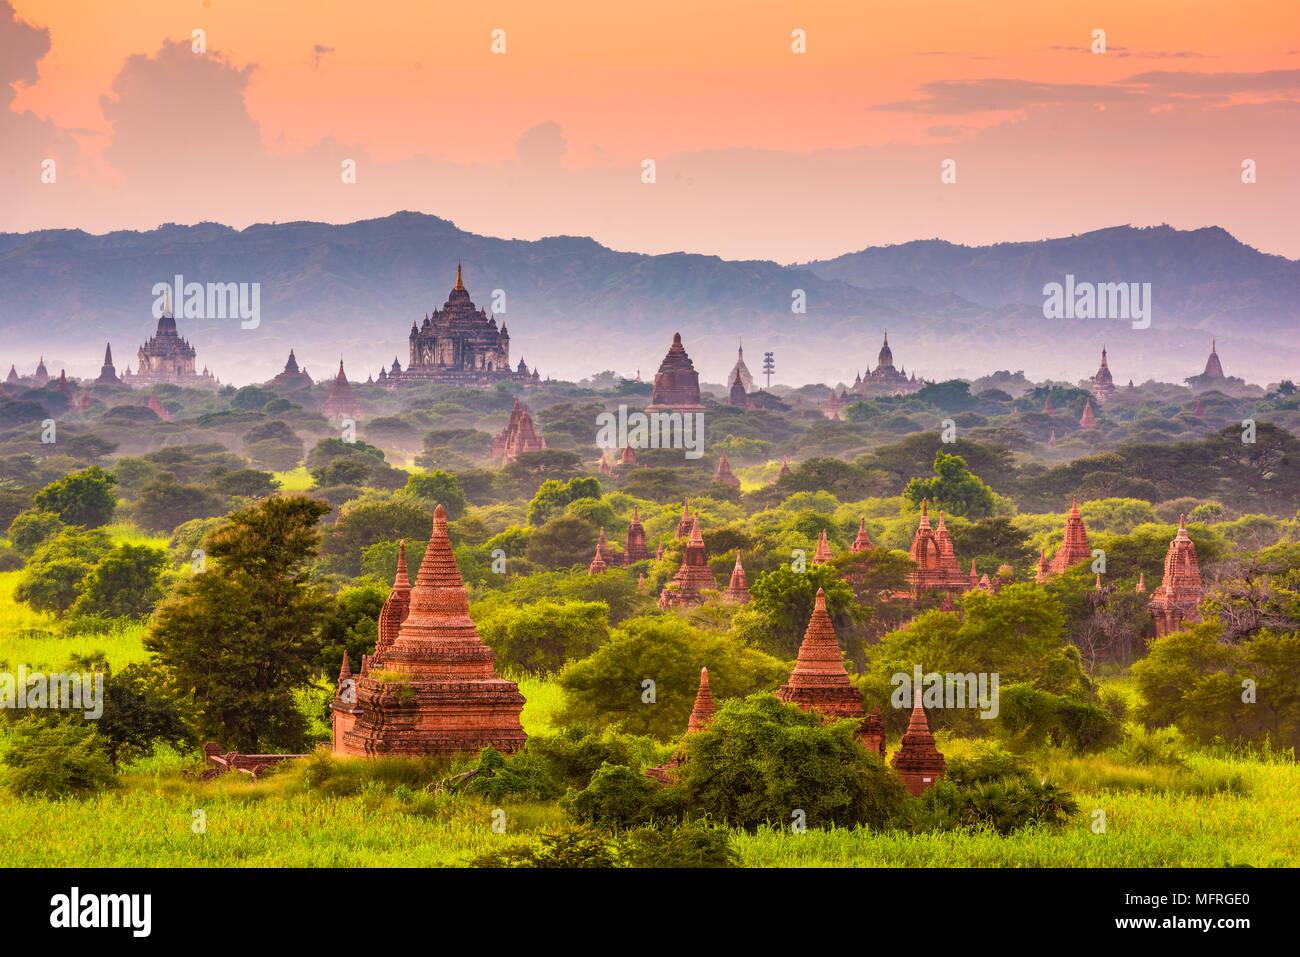 Bagan, Myanmar, las ruinas del templo antiguo en la zona arqueológica del paisaje al anochecer. Foto de stock